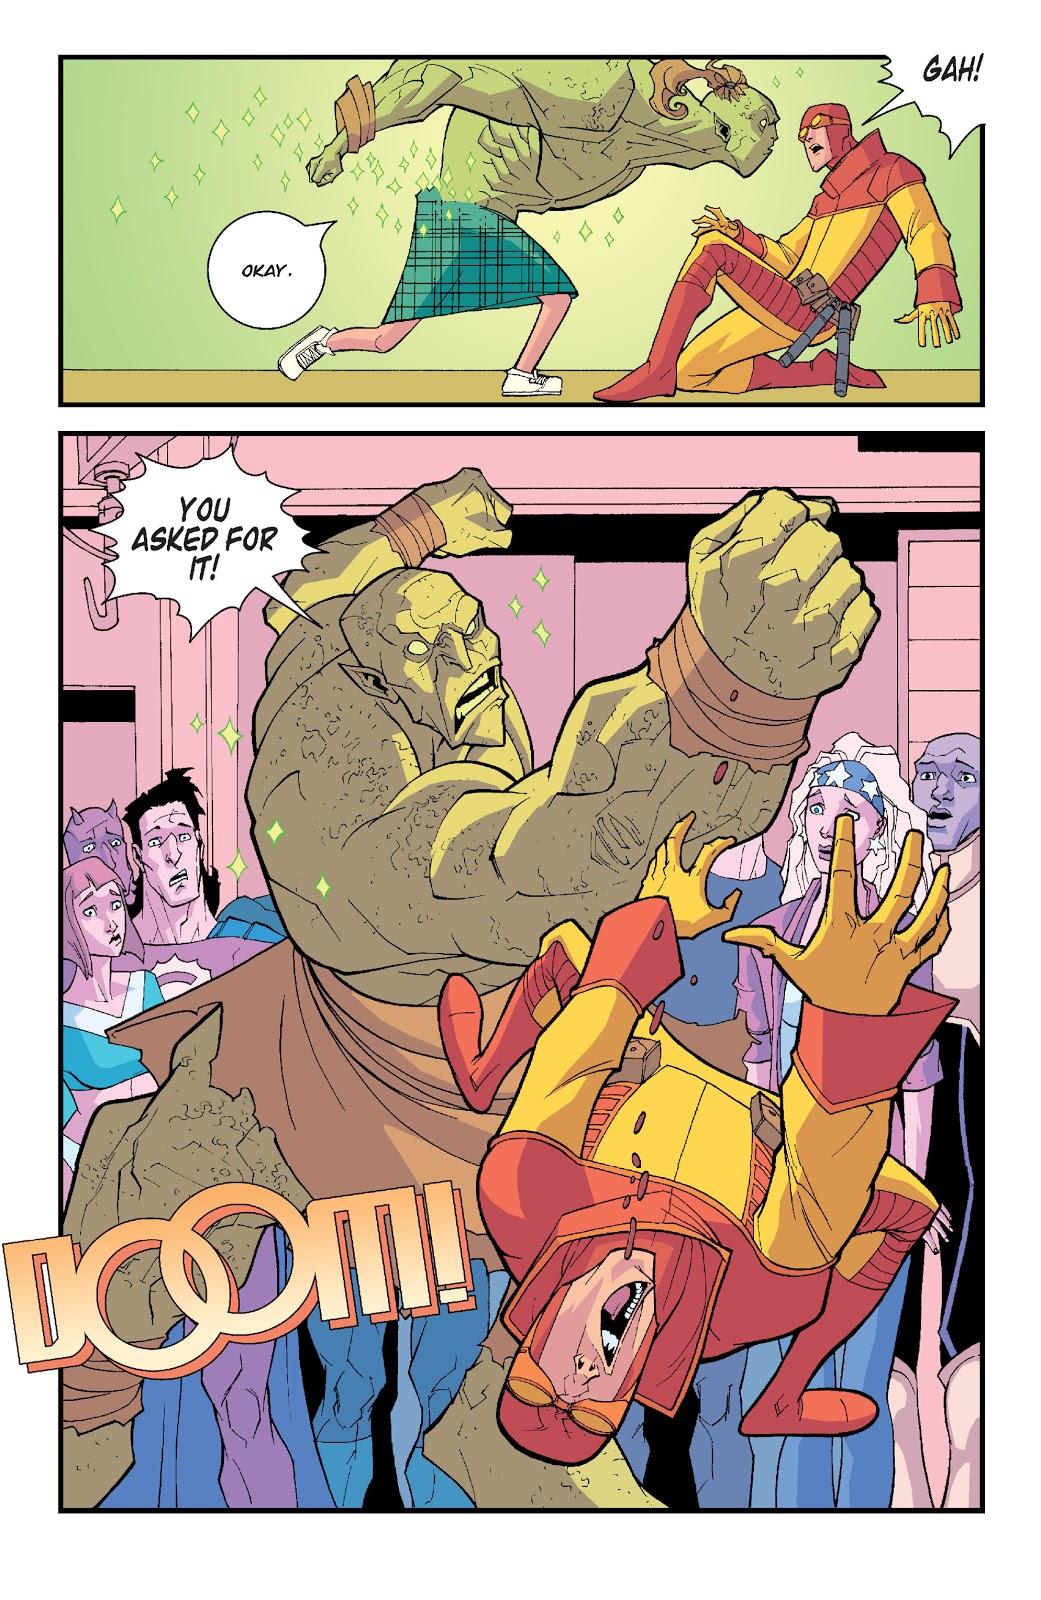 Monster Girl Kicks Rex Splode's Ass